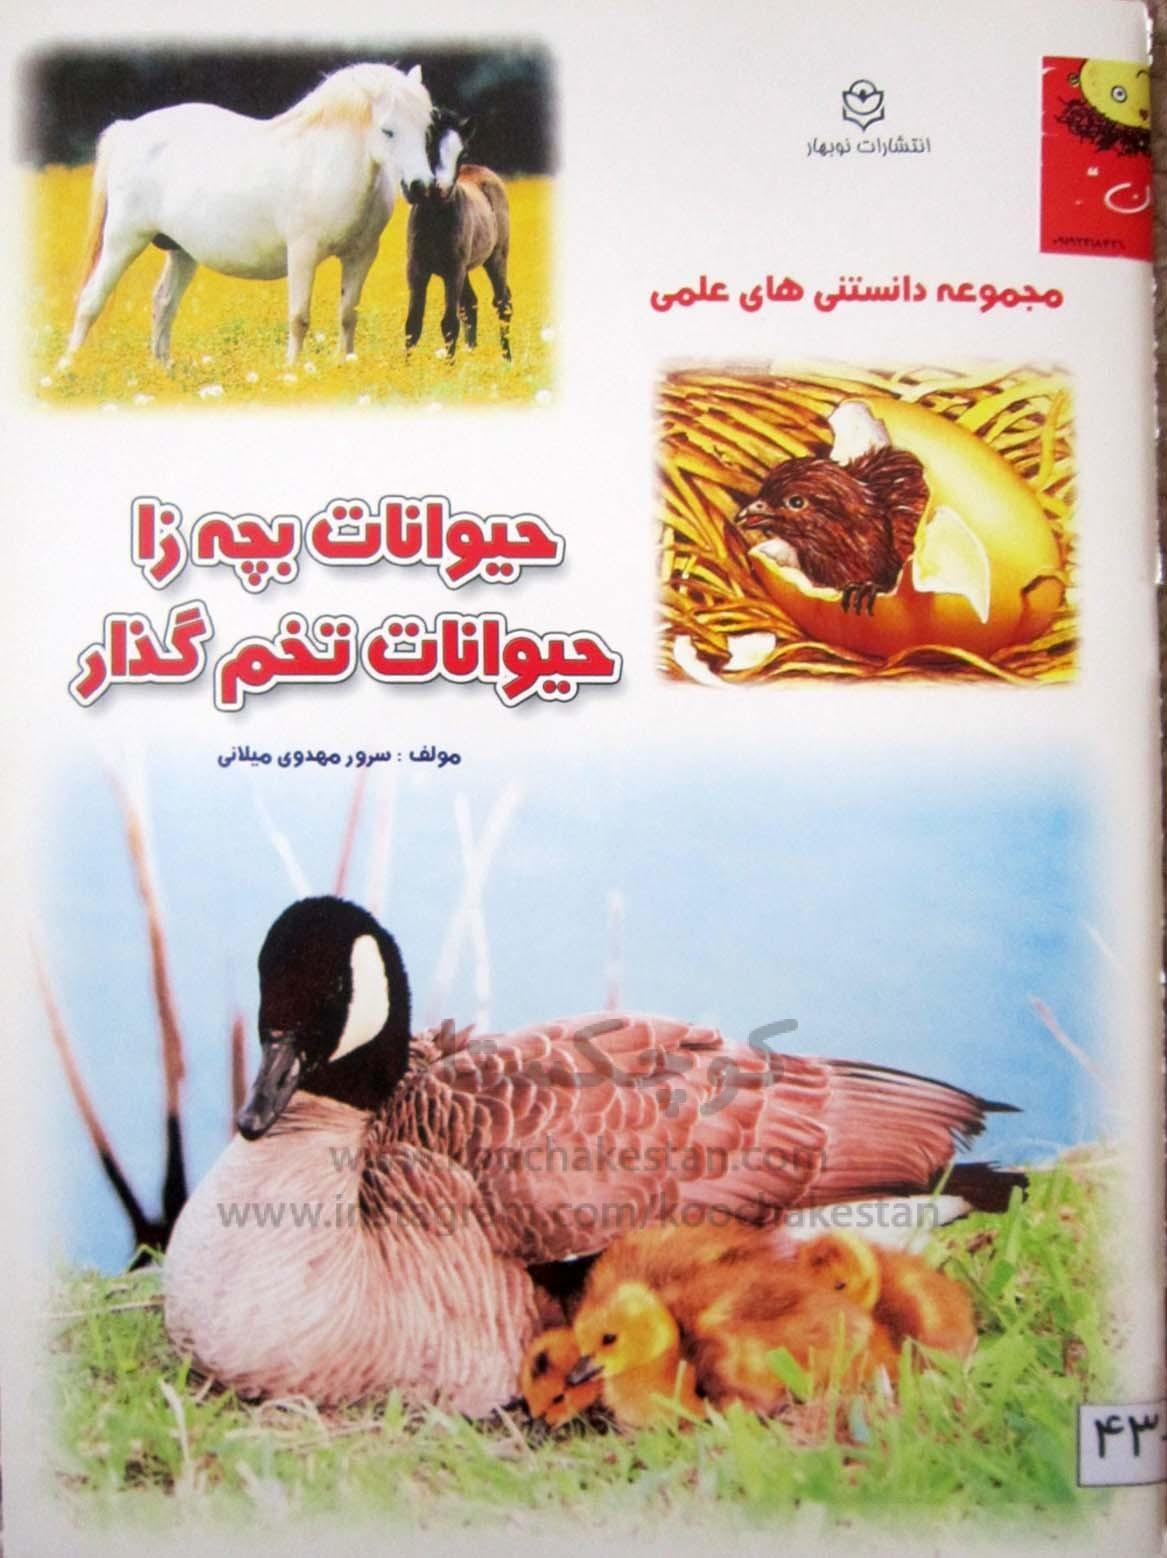 حیوانات بچه زا، حیوانات تخم گذار - کتابخانه کودک - کوچکستان